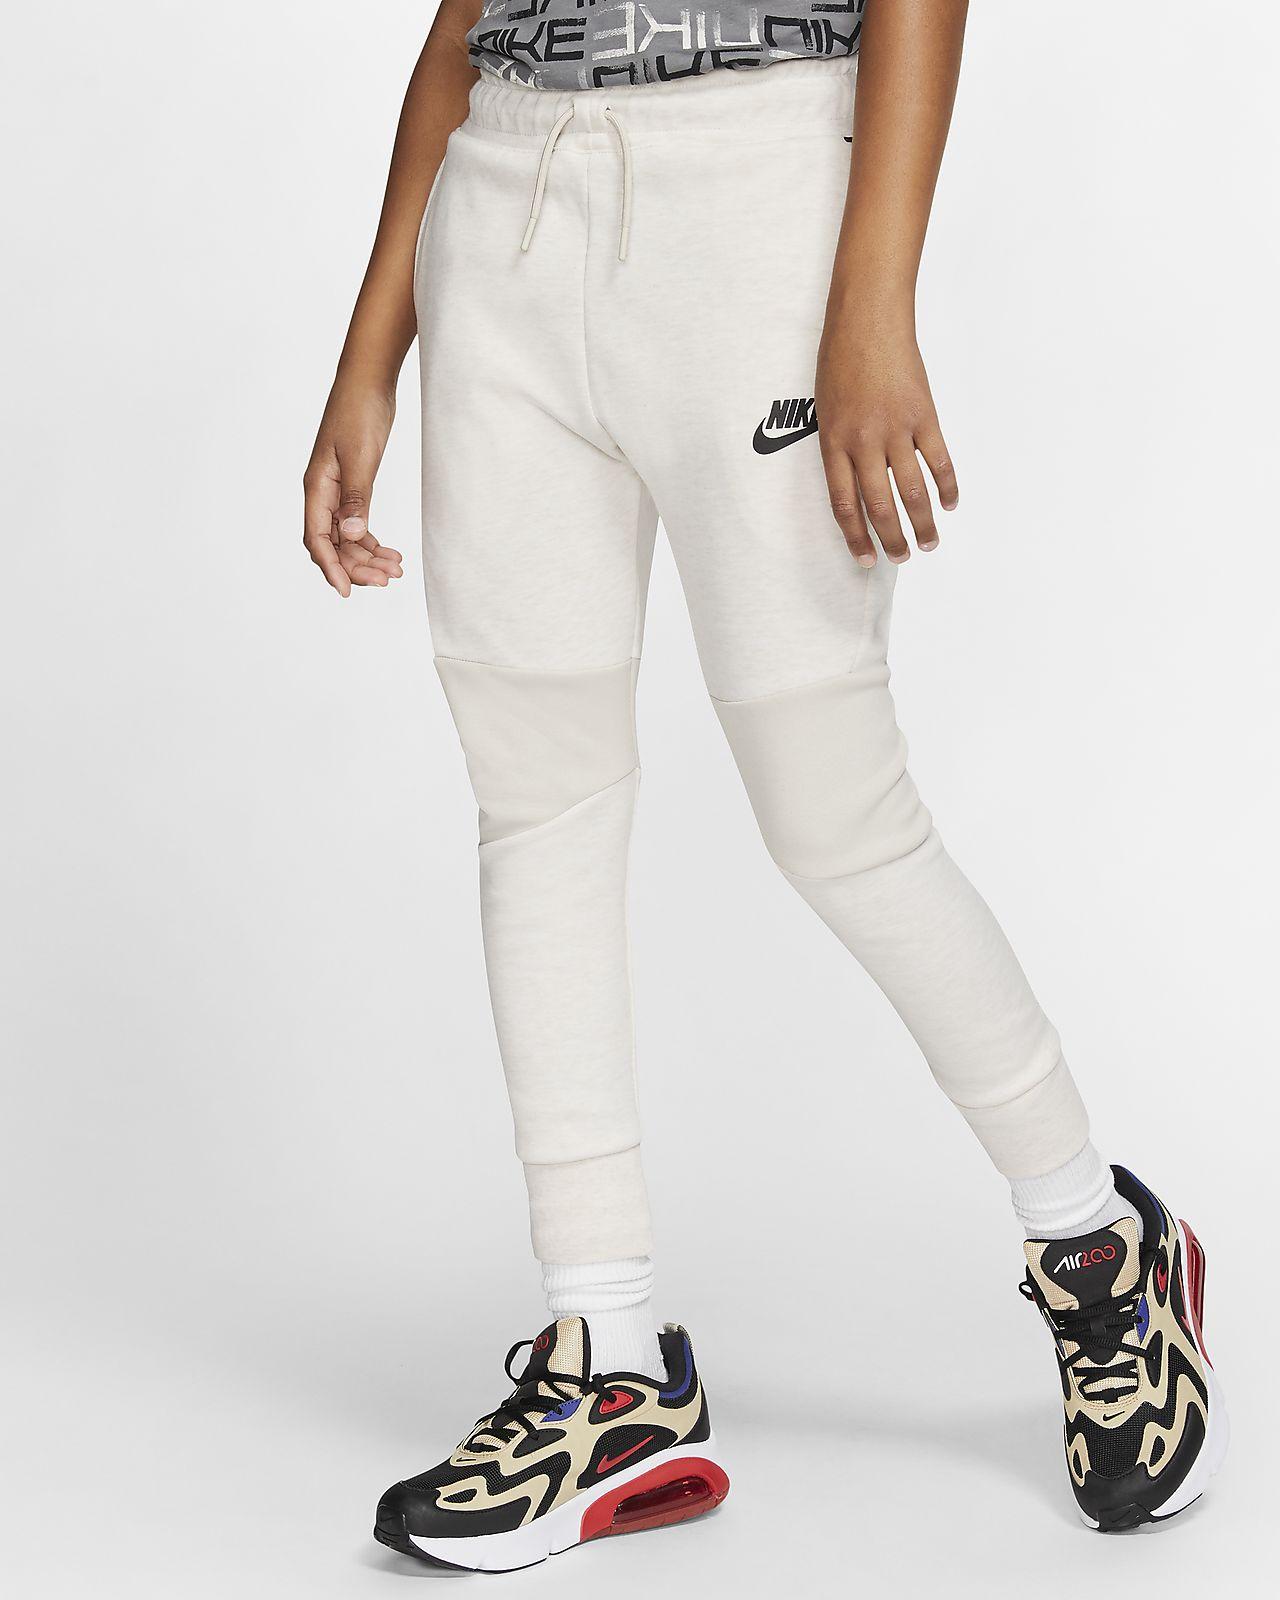 Nike Sportswear Tech Fleece Genç Çocuk Eşofman Altı